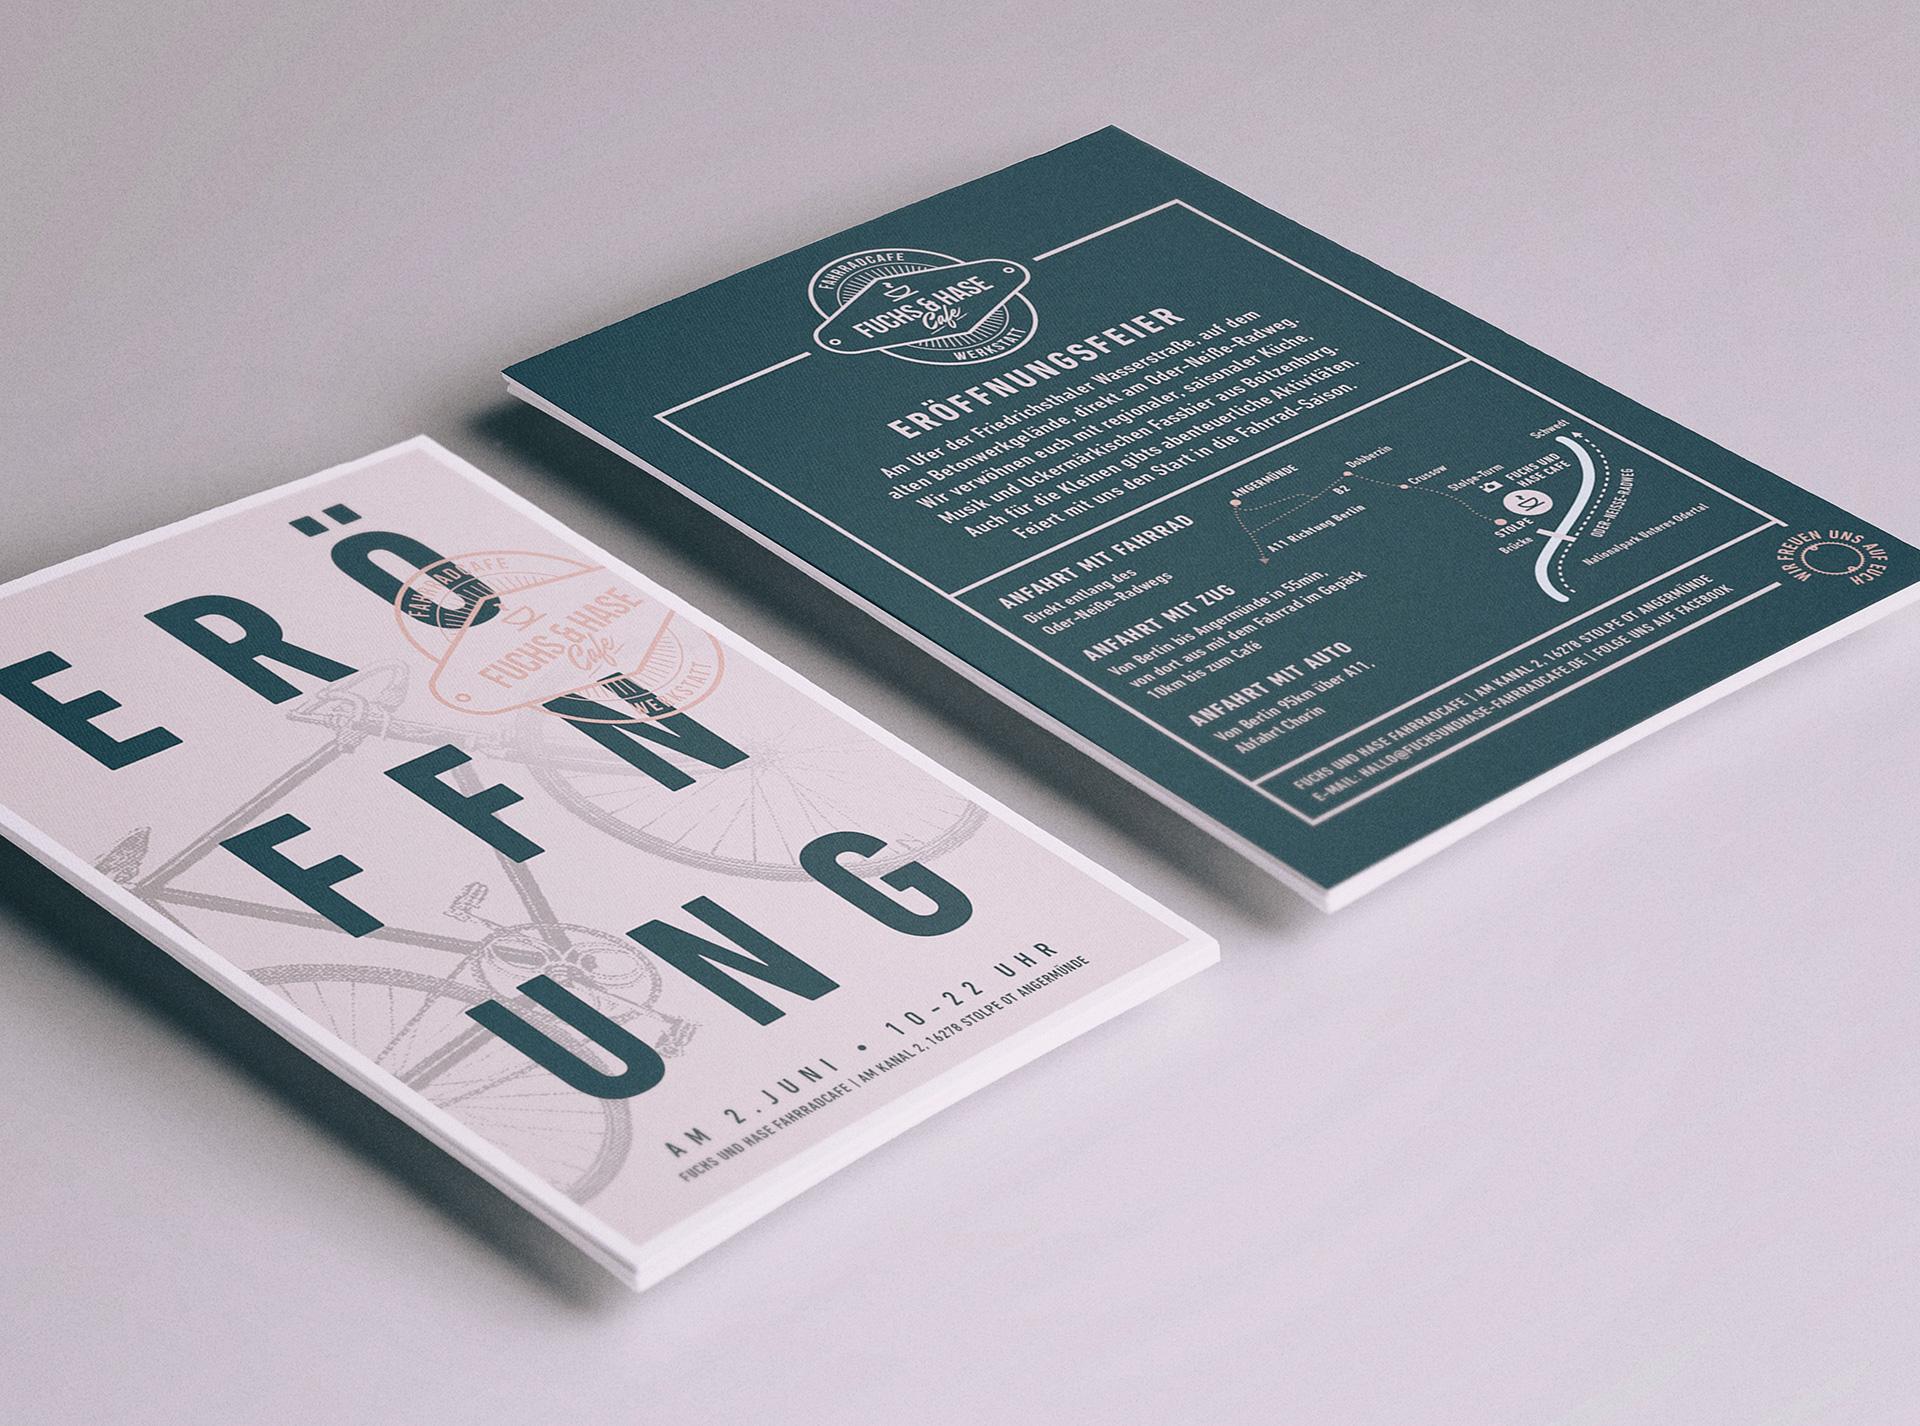 fuchs-und-Hase-Fahrrad-Cafe-Flyerdesign